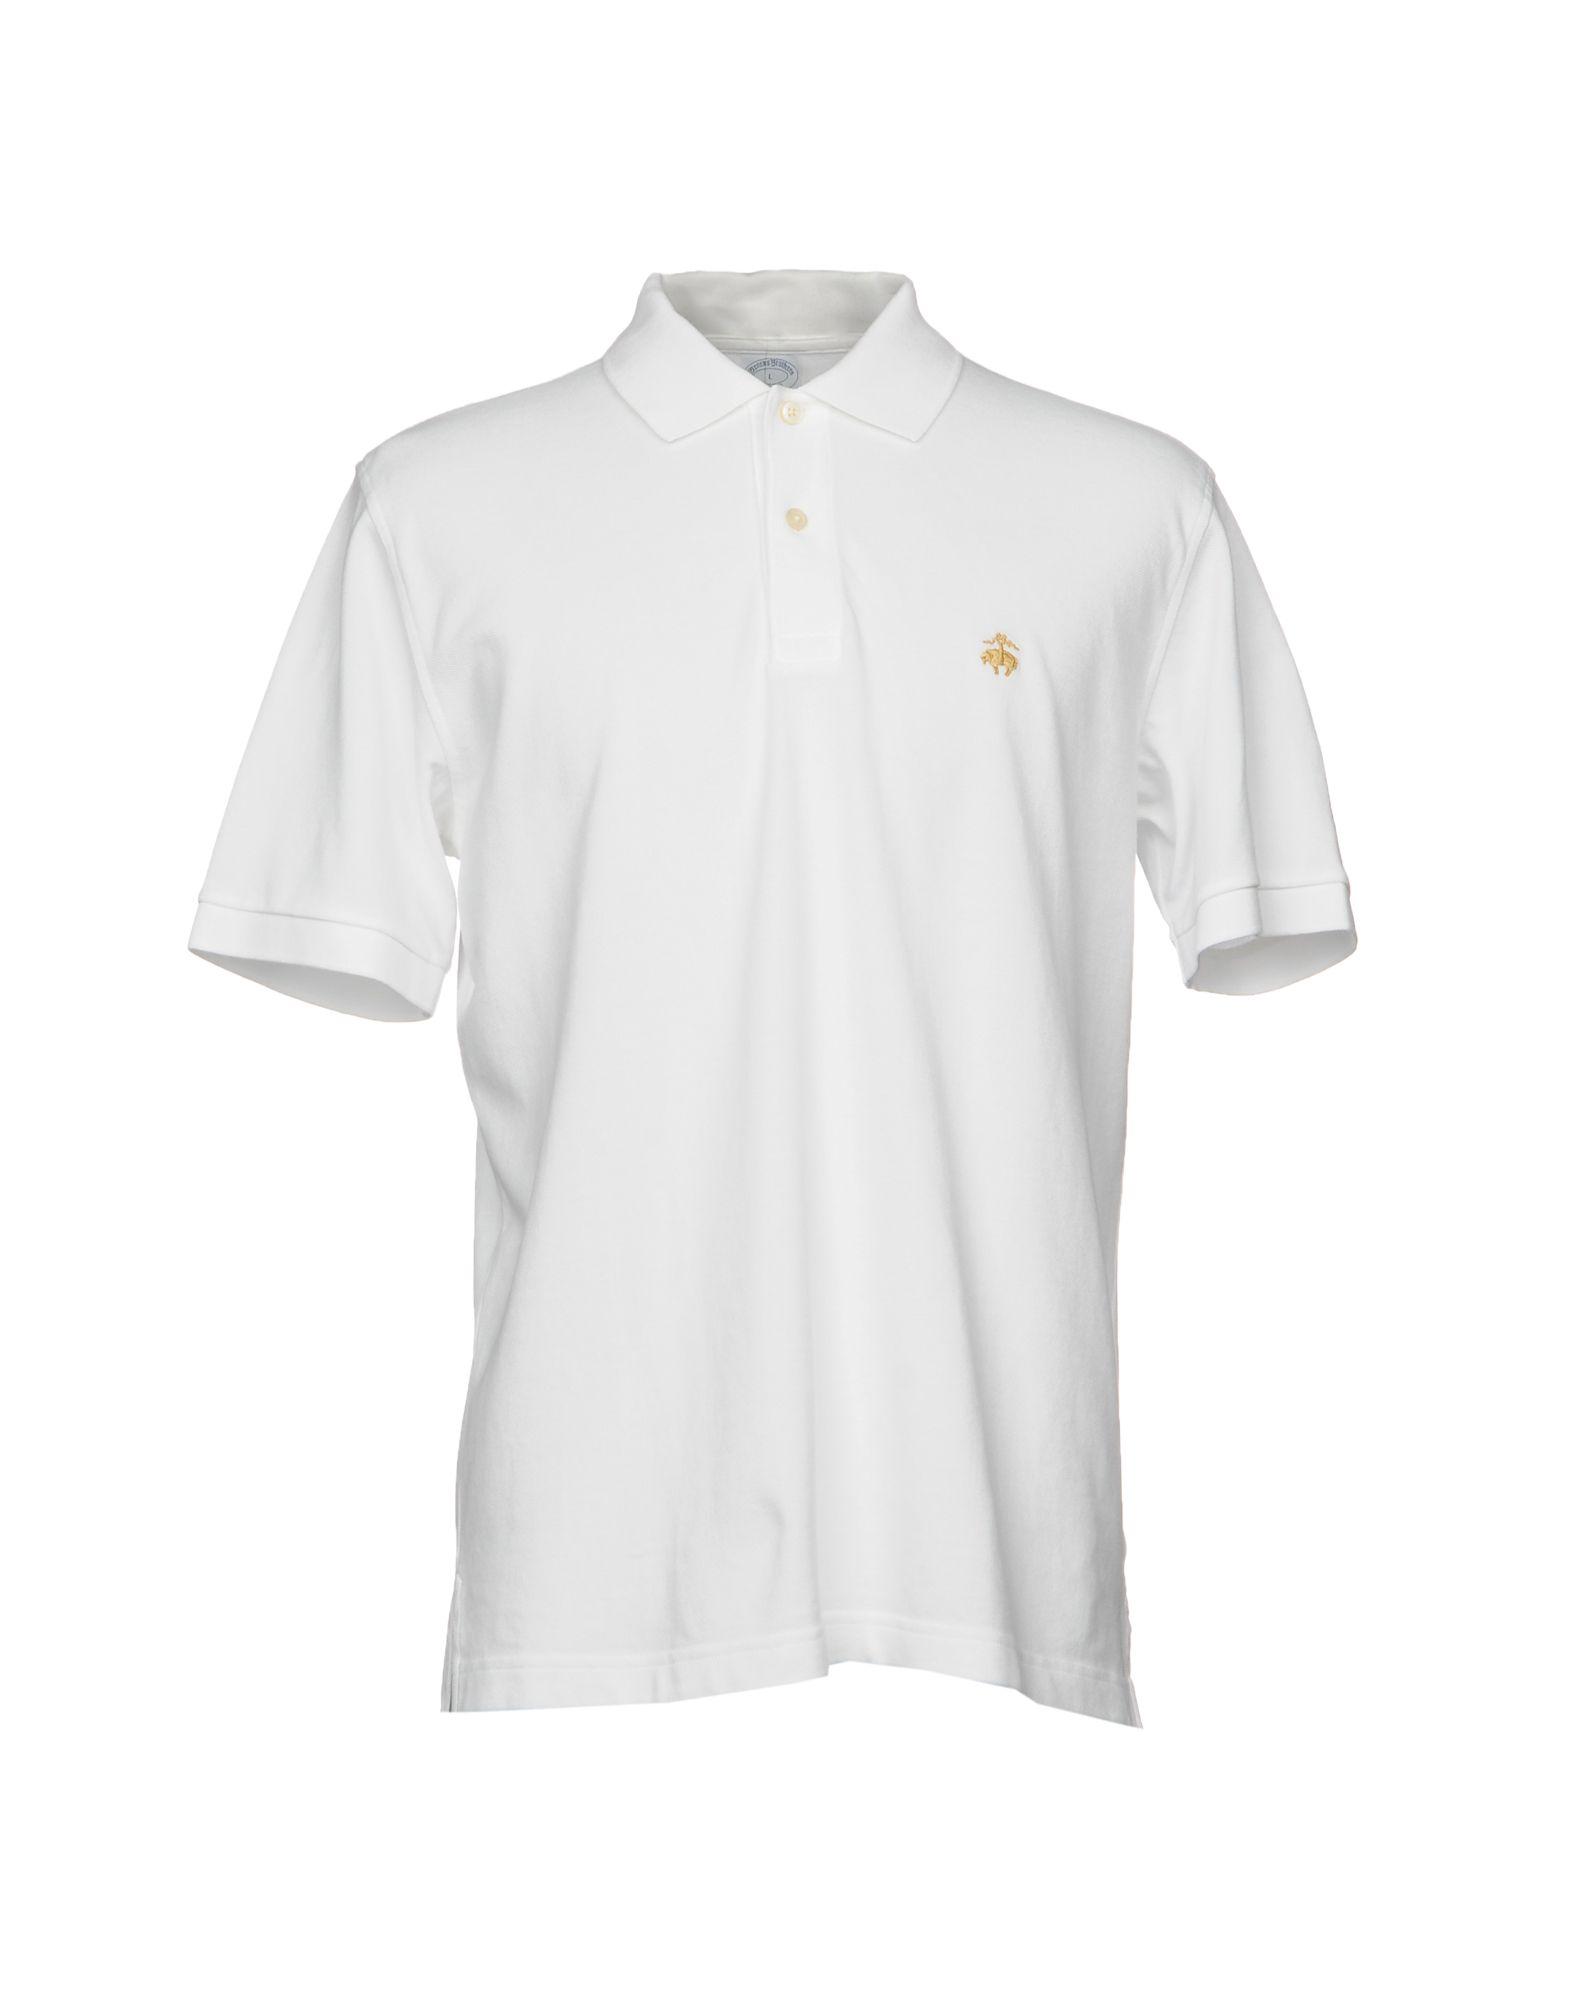 BROOKS BROTHERS Herren Poloshirt Farbe Weiß Größe 6 jetztbilligerkaufen